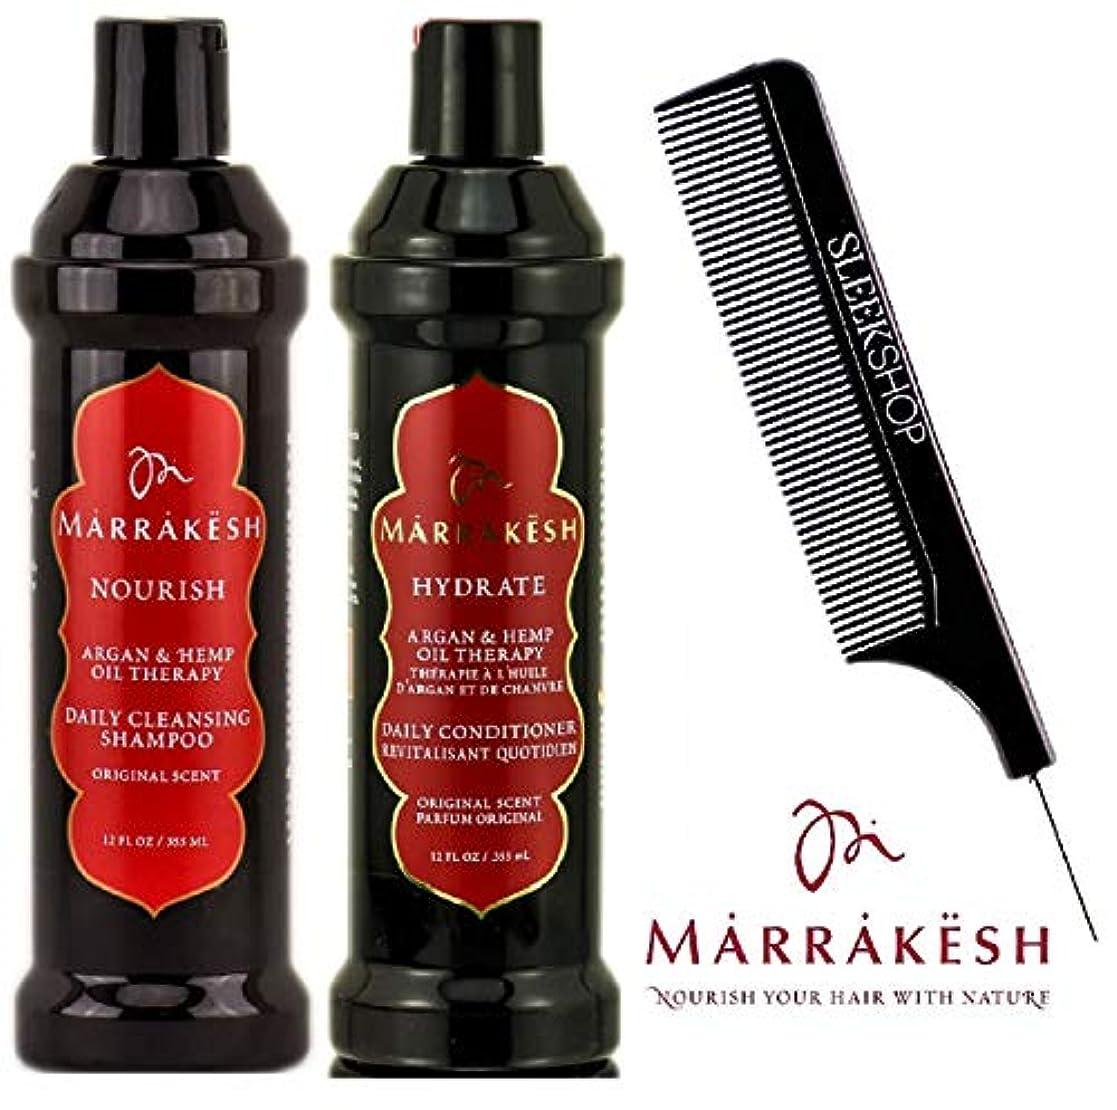 バター屋内で黒くするEarthly Body Marrakesh マラケシュ養う毎日のクレンジングシャンプー&水和物デイリーコンディショナー(ORIGINAL SCENT)デュオキット、アルガン&HEMP OIL THERAPY(なめらかな...